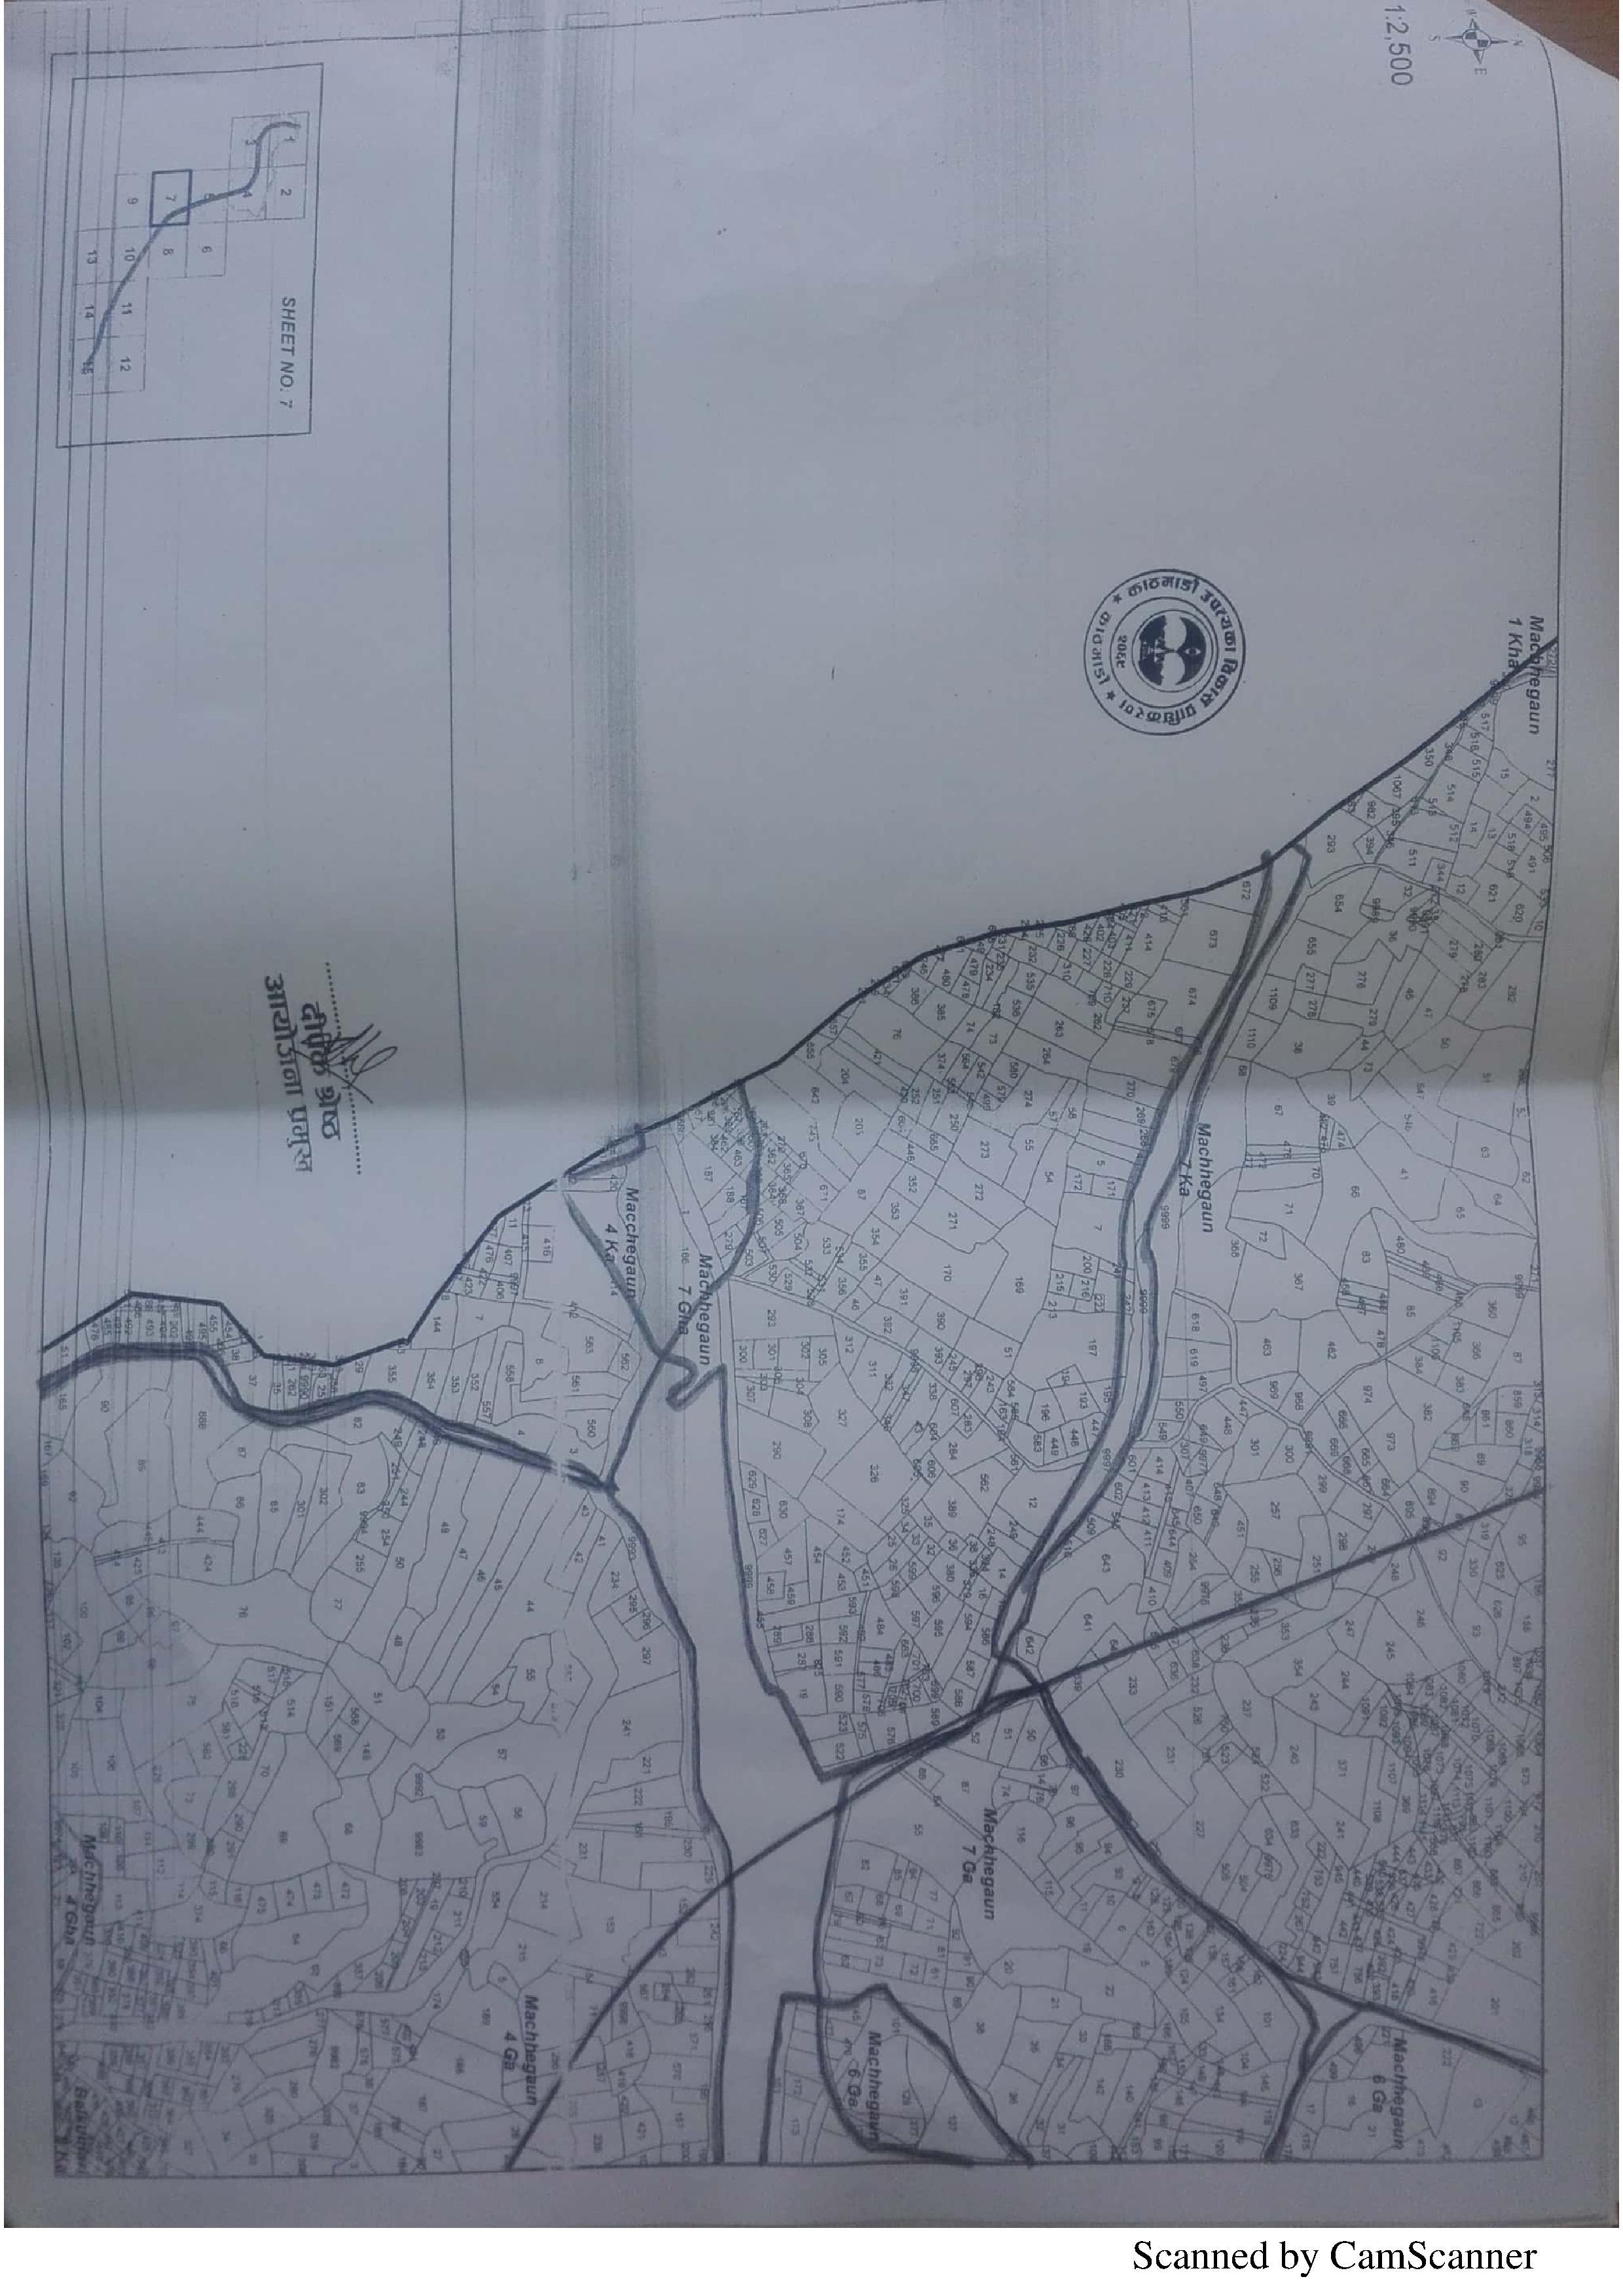 Chandragirinews outer-ring-road-6 बाहिरी चक्रपथको डि.पि.आर. (कित्ता न. सहित) तीनथाना दहचोक नगरपालिका नैकाप नयाँ भन्ज्यांग नैकाप पुरानो भन्ज्यांग बोसिंगाउँ ब्रेकिंग न्युज मछेगाउँ मातातिर्थ मुख्य राष्ट्रिय सतुंगल    chandragiri